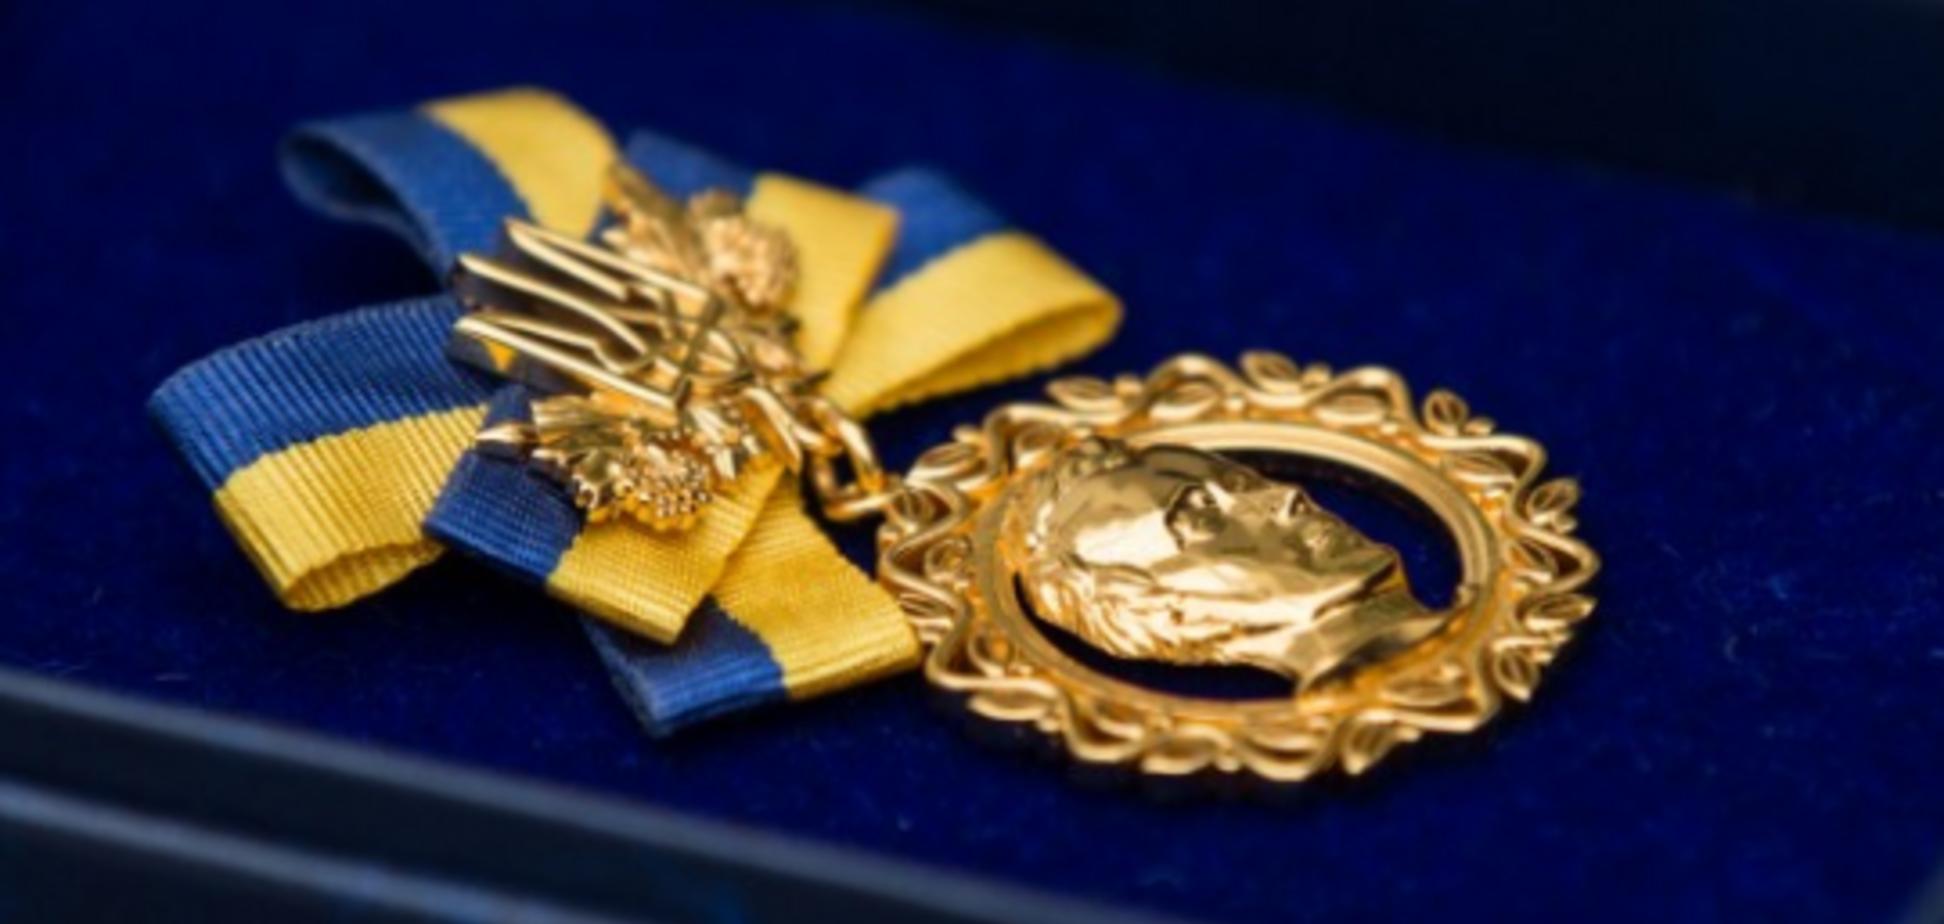 Названы лауреаты Шевченковской премии 2020: кто попал в список